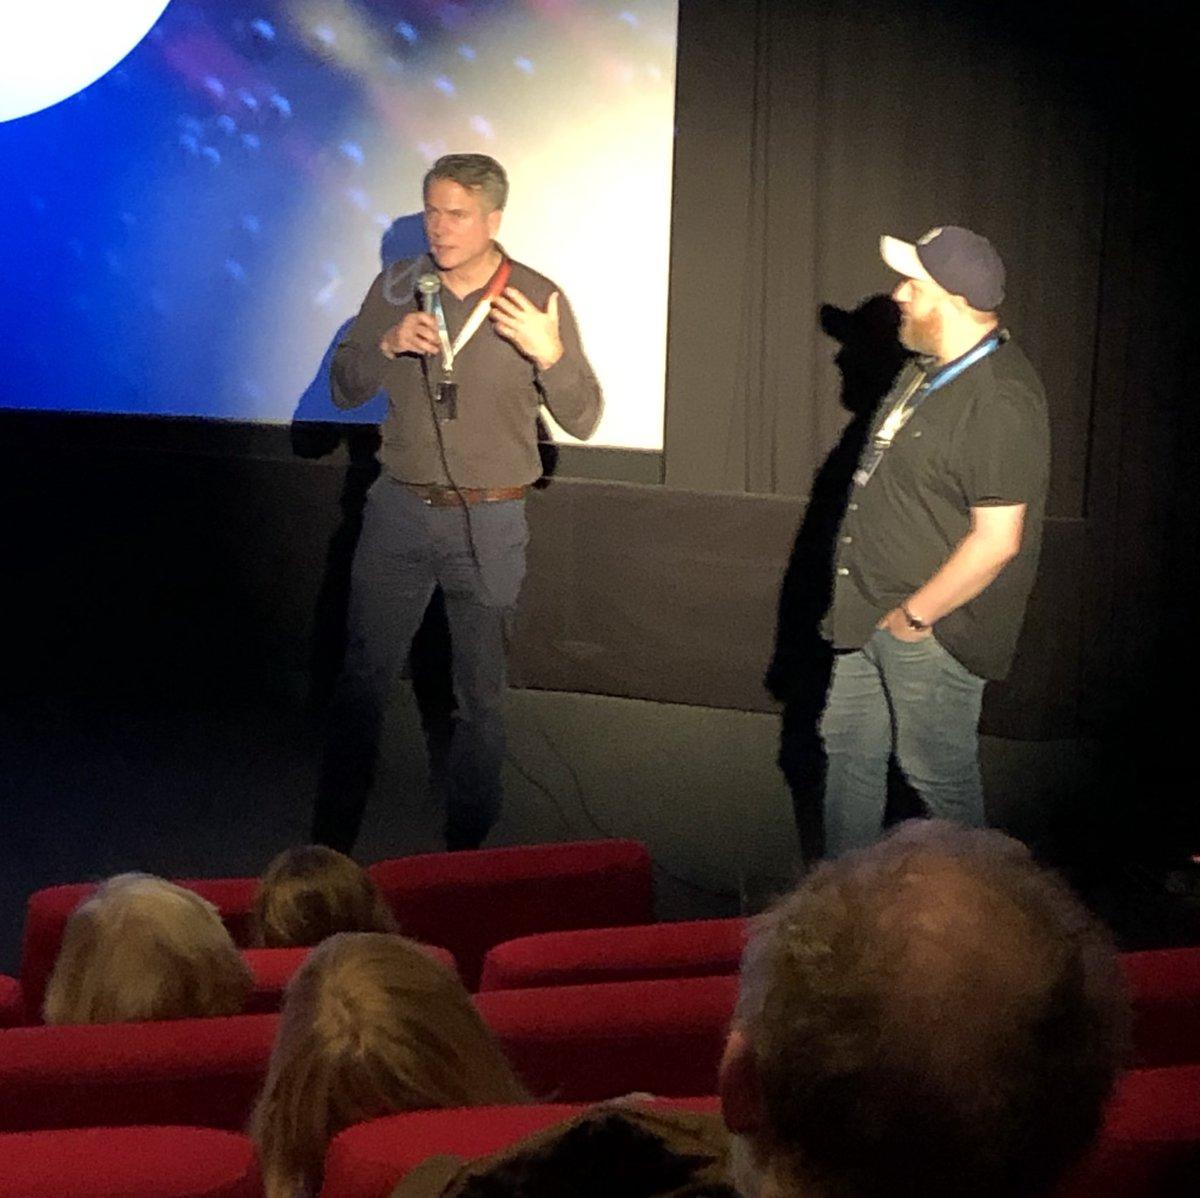 Nous profitons du @tromsofilmfest pour regarder le documentaire canadien « Sovereign Soil » et pour rencontrer son talentueux réalisateur David Curtis. Quelle résistance incroyable des agriculteurs cultivant la terre dans la nature sauvage de la région subarctique ! #TIFF20